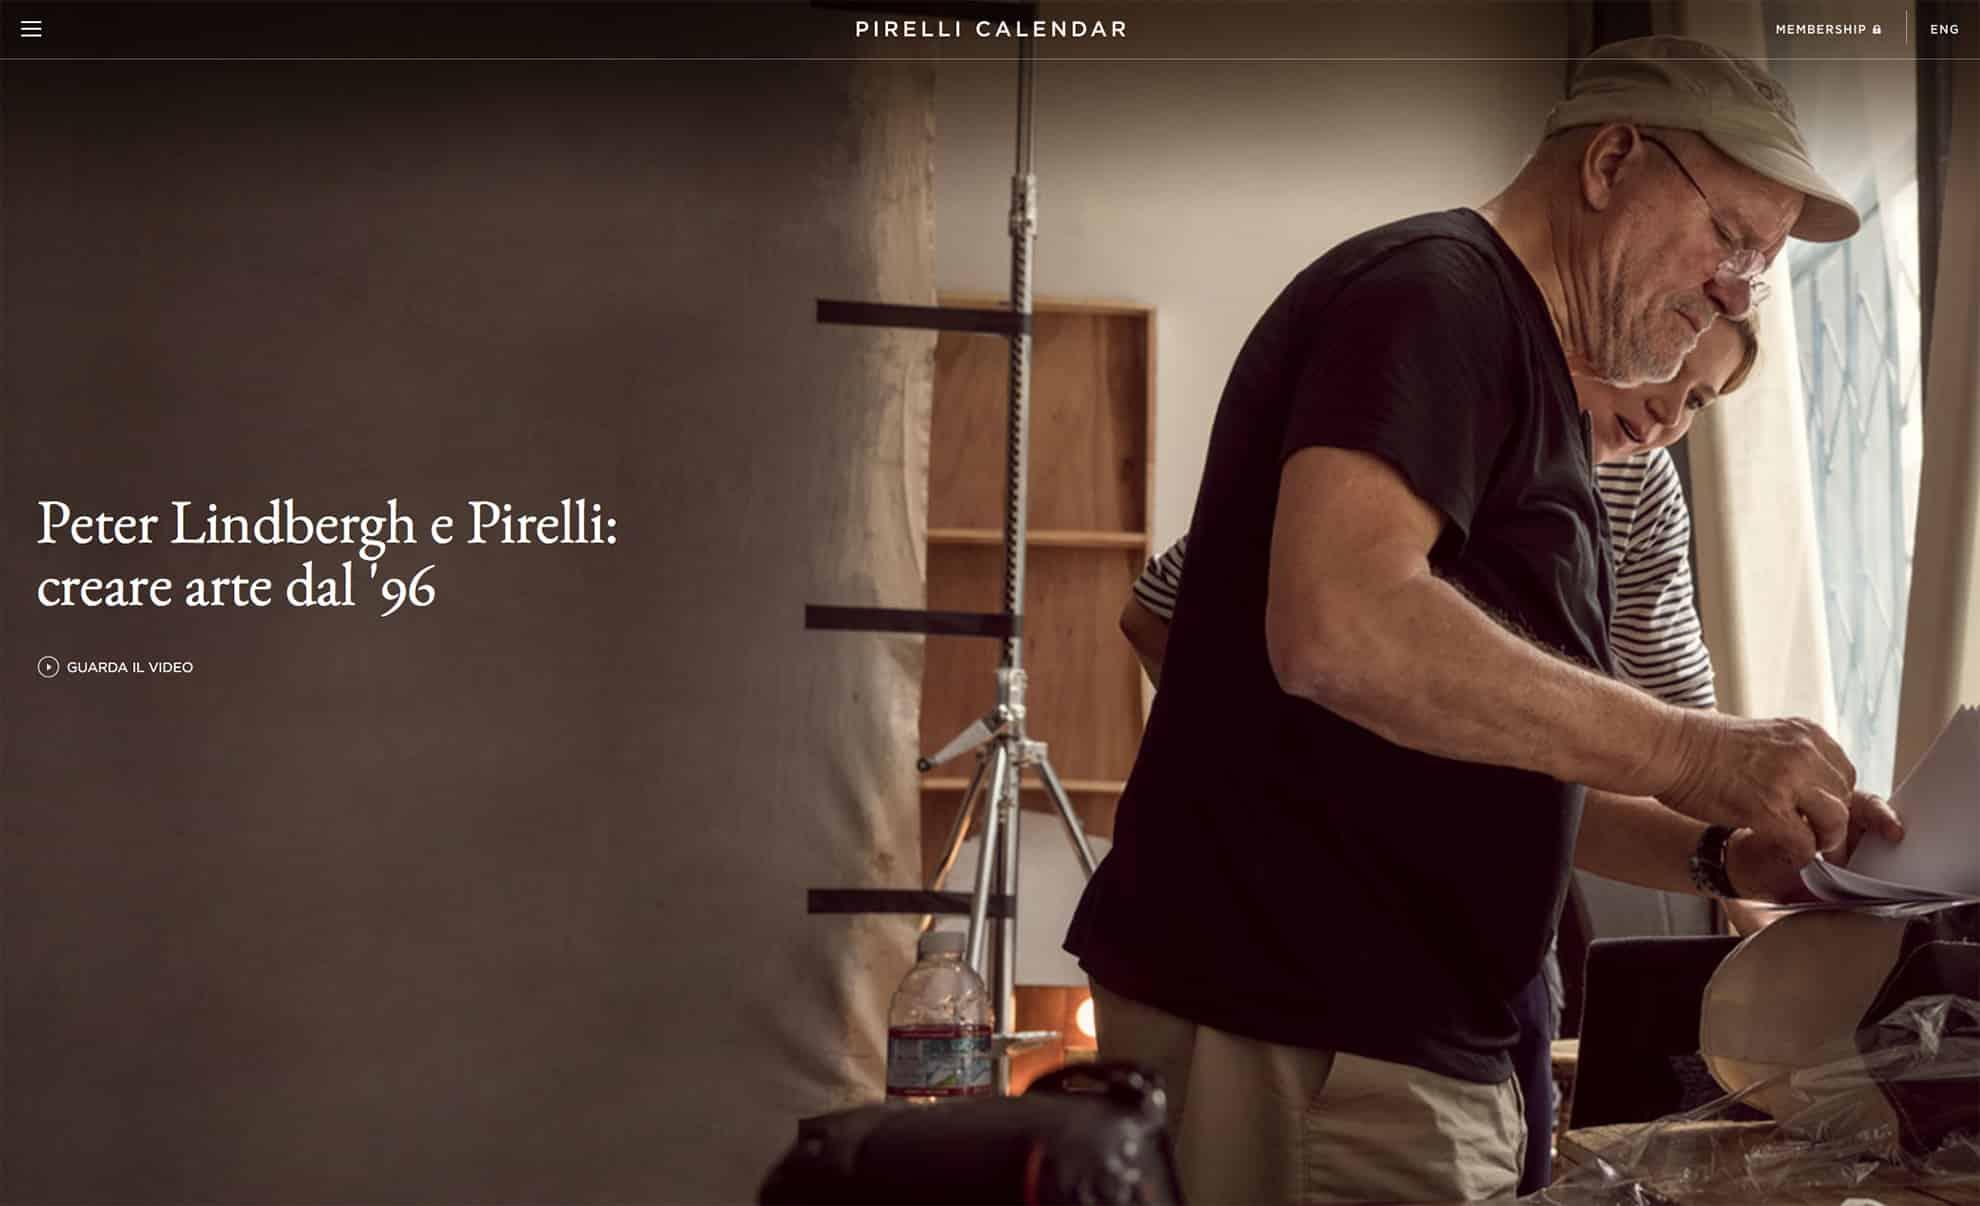 www.pirellicalendar.com - Il nuovo sito del Calendario Pirelli